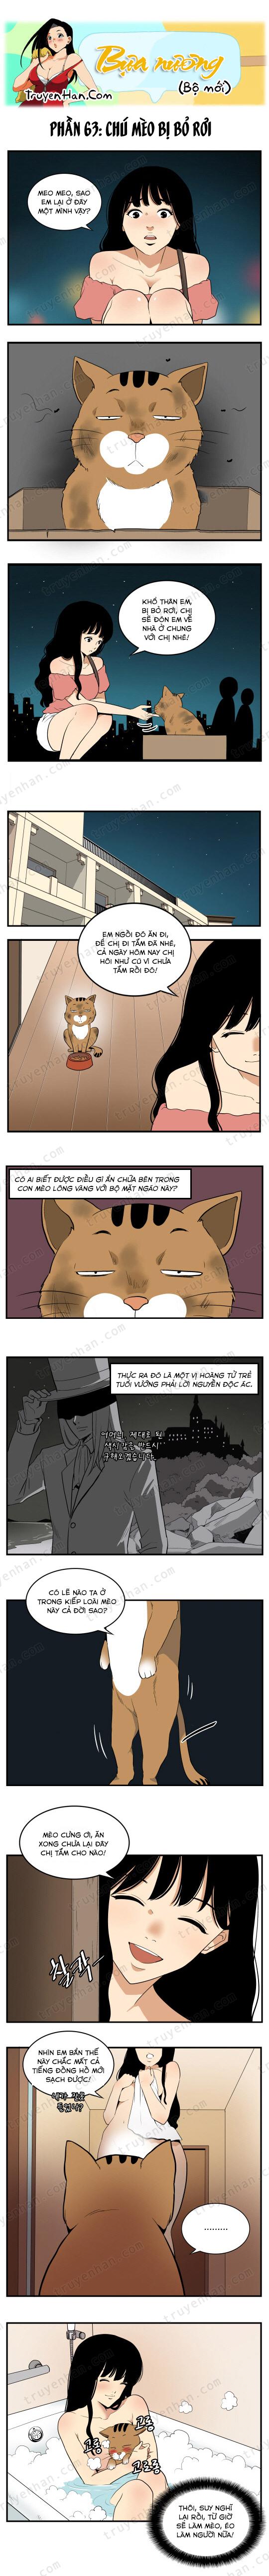 Bựa nương (bộ mới) phần 63: Chú mèo bị bỏ rơi